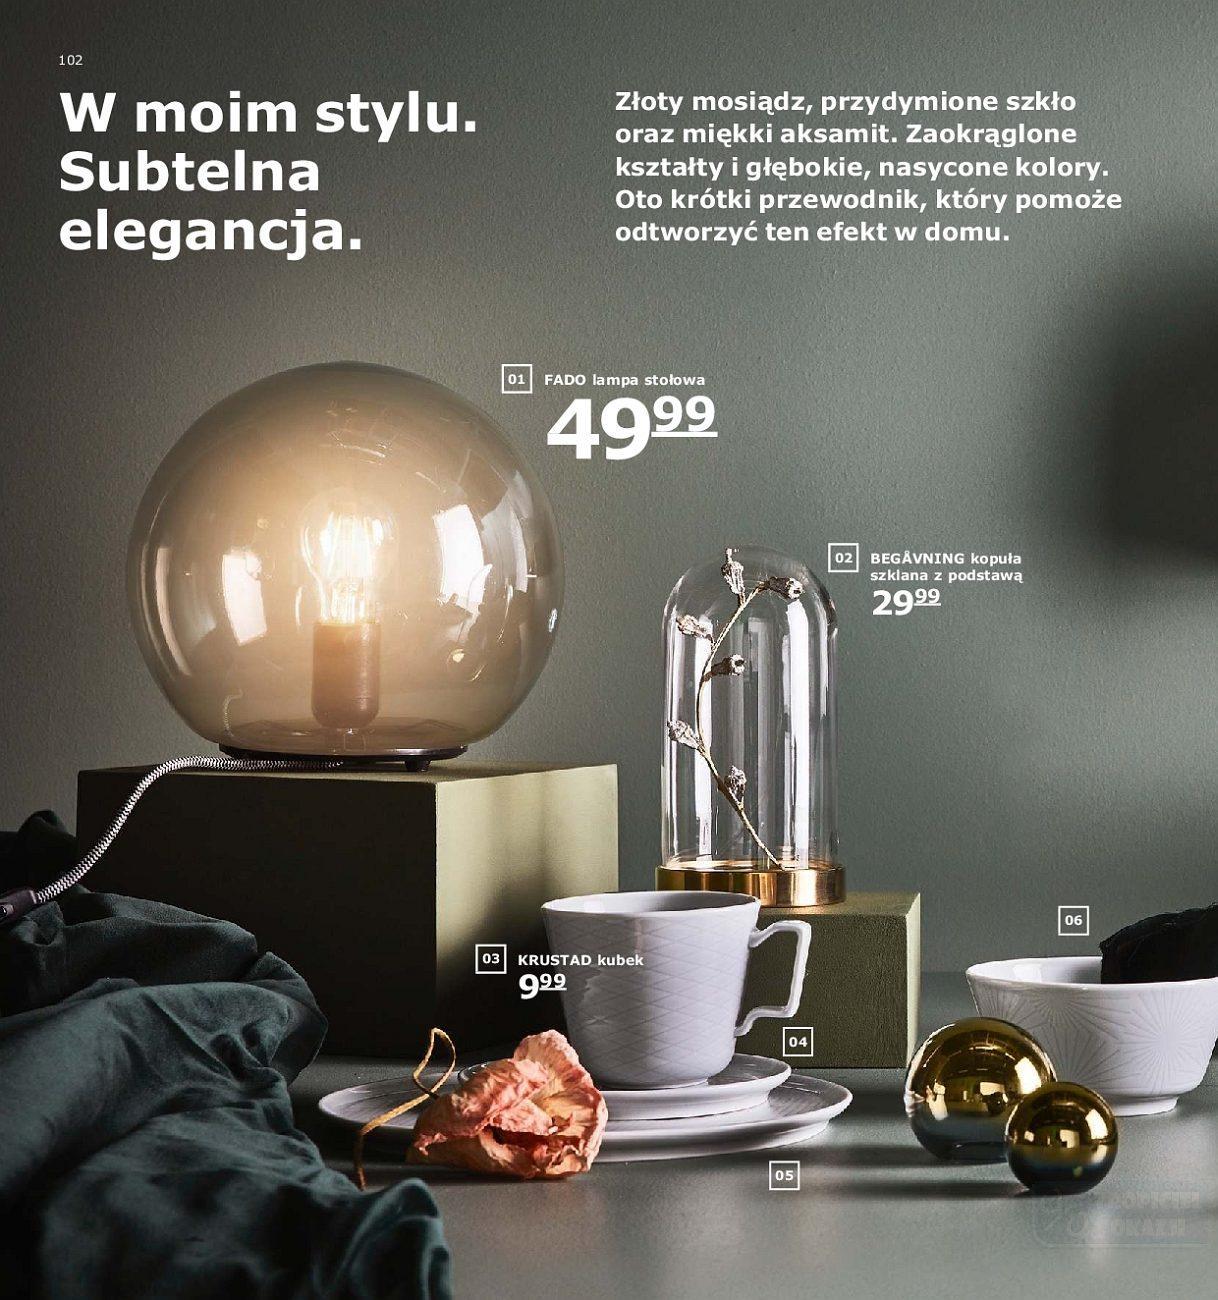 Gazetka promocyjna IKEA do 31/07/2019 str.102